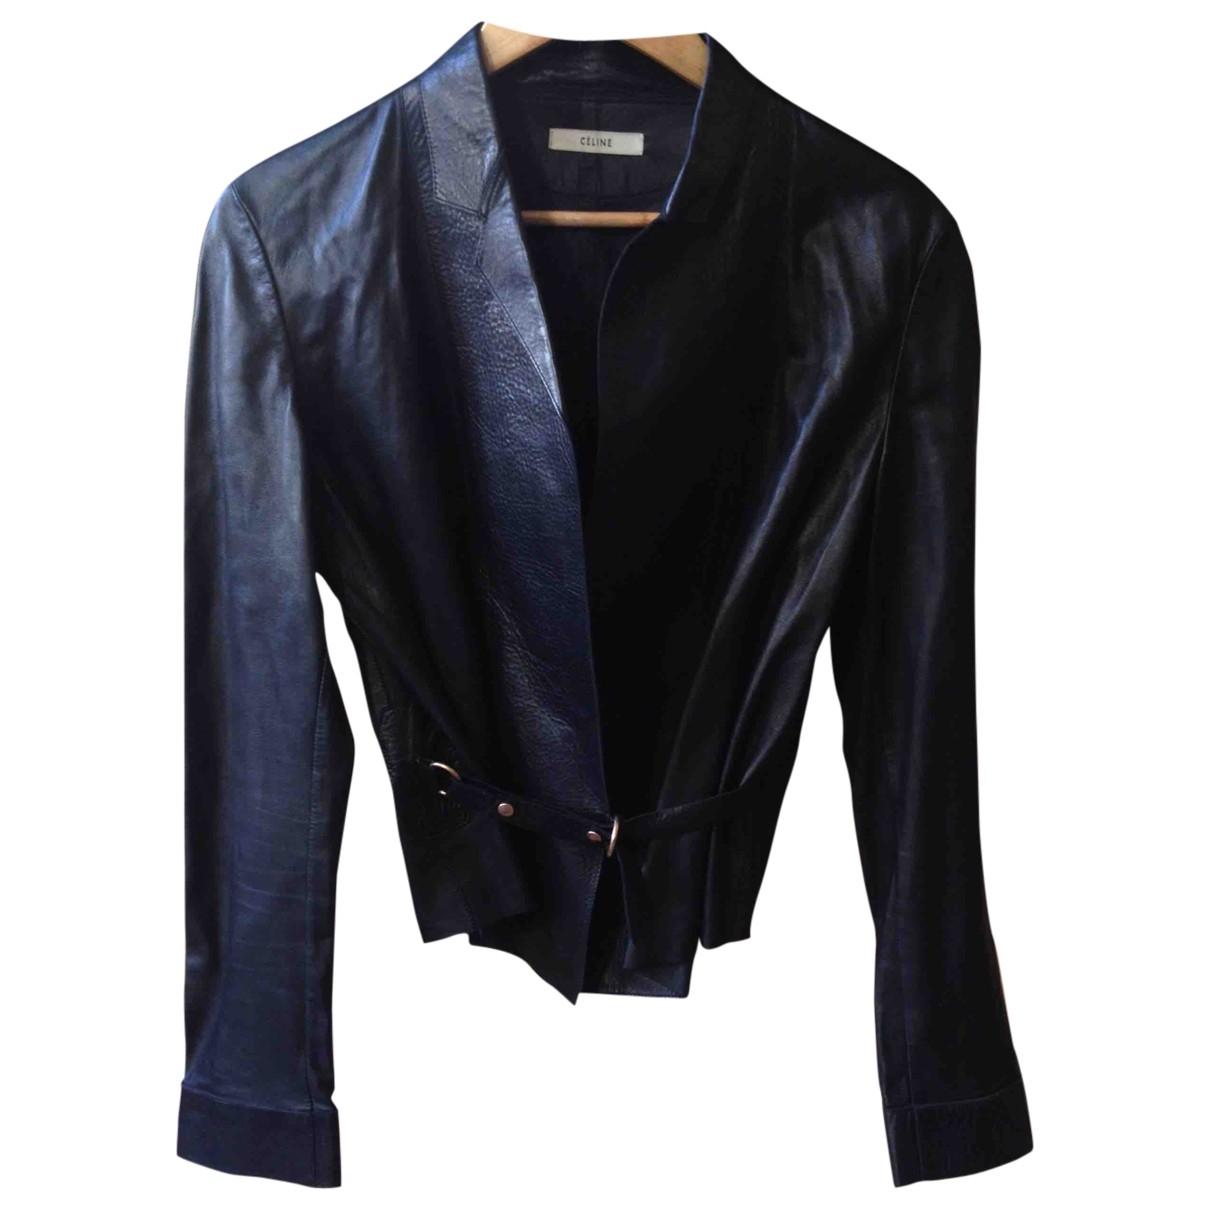 Celine \N Black Leather jacket for Women 42 FR